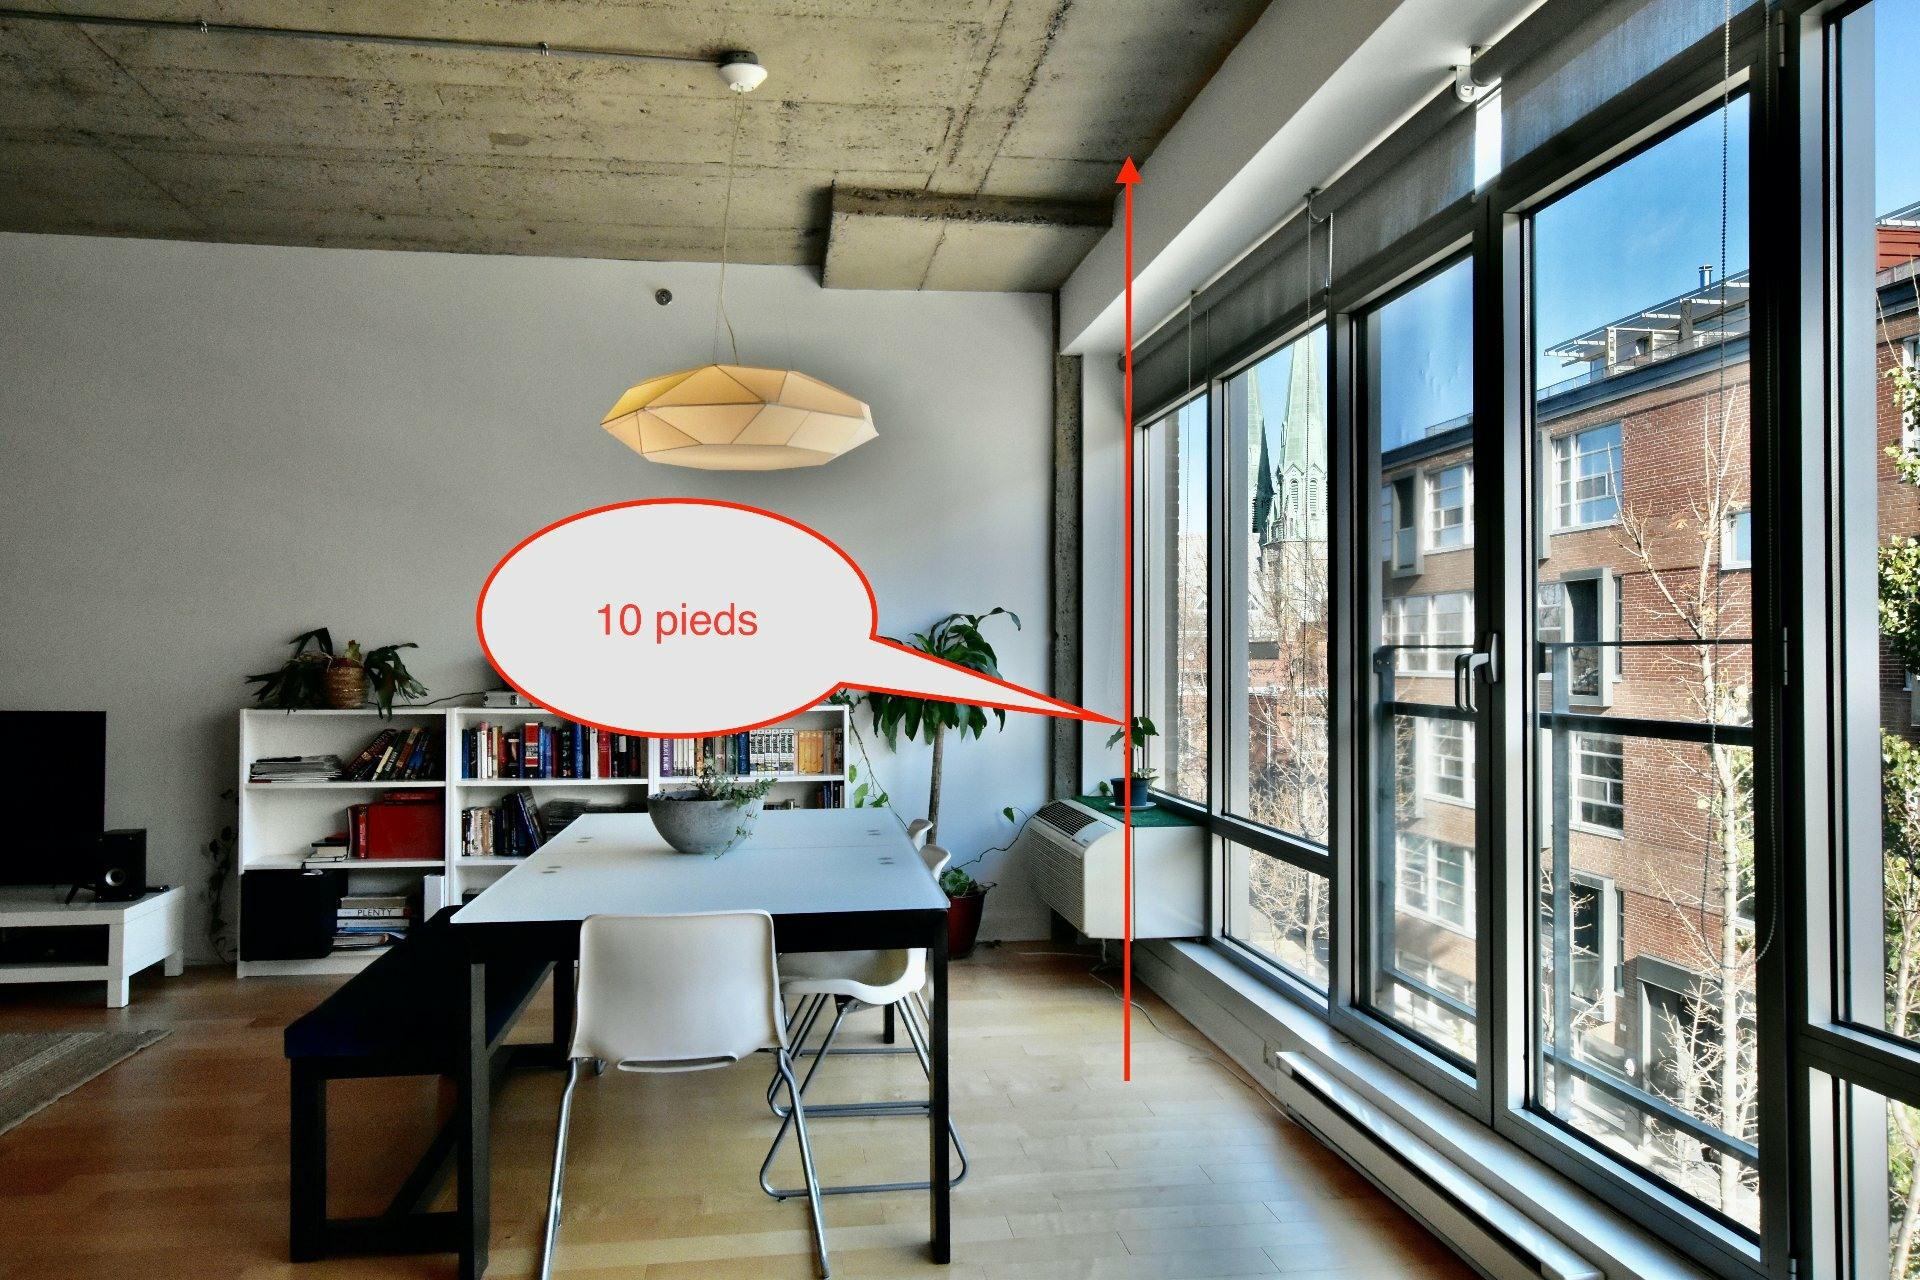 image 8 - Apartment For rent Villeray/Saint-Michel/Parc-Extension Montréal  - 5 rooms